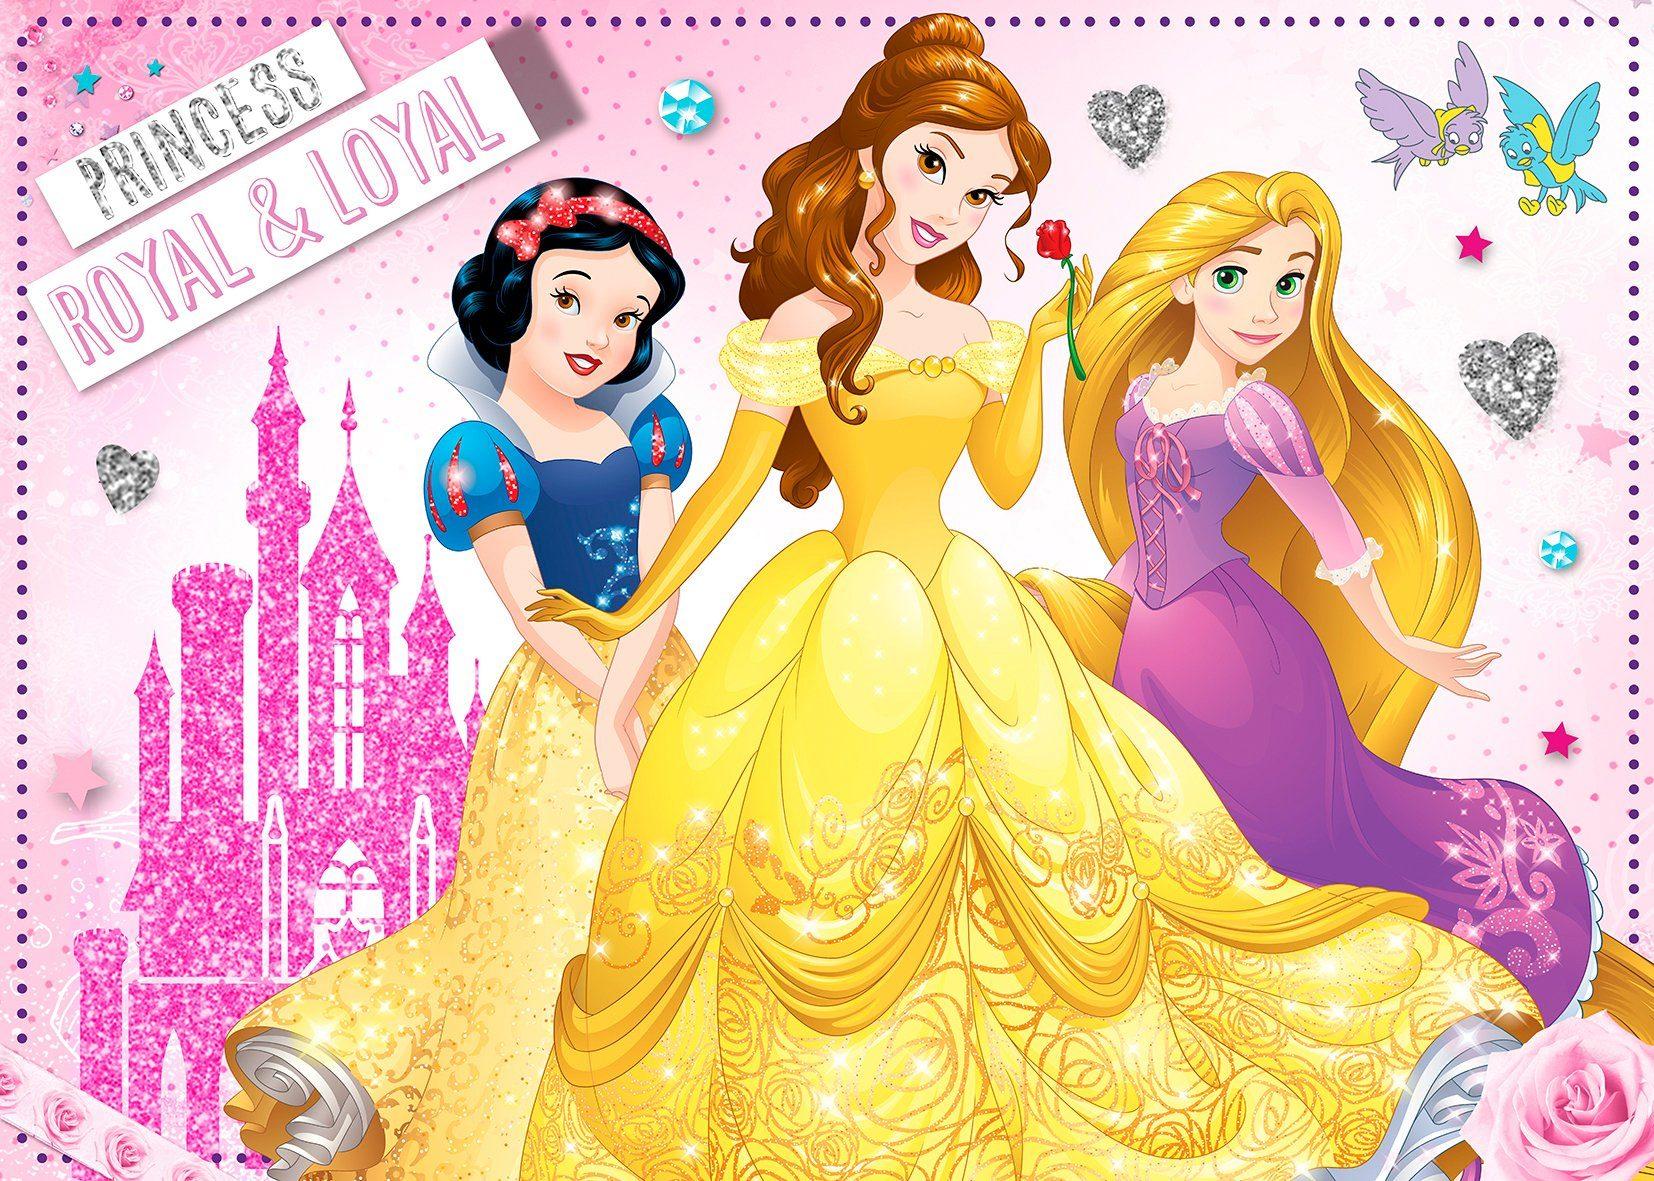 Disney Leinwandbild rosa Leinwandbilder Bilder Bilderrahmen Wohnaccessoires 81618133